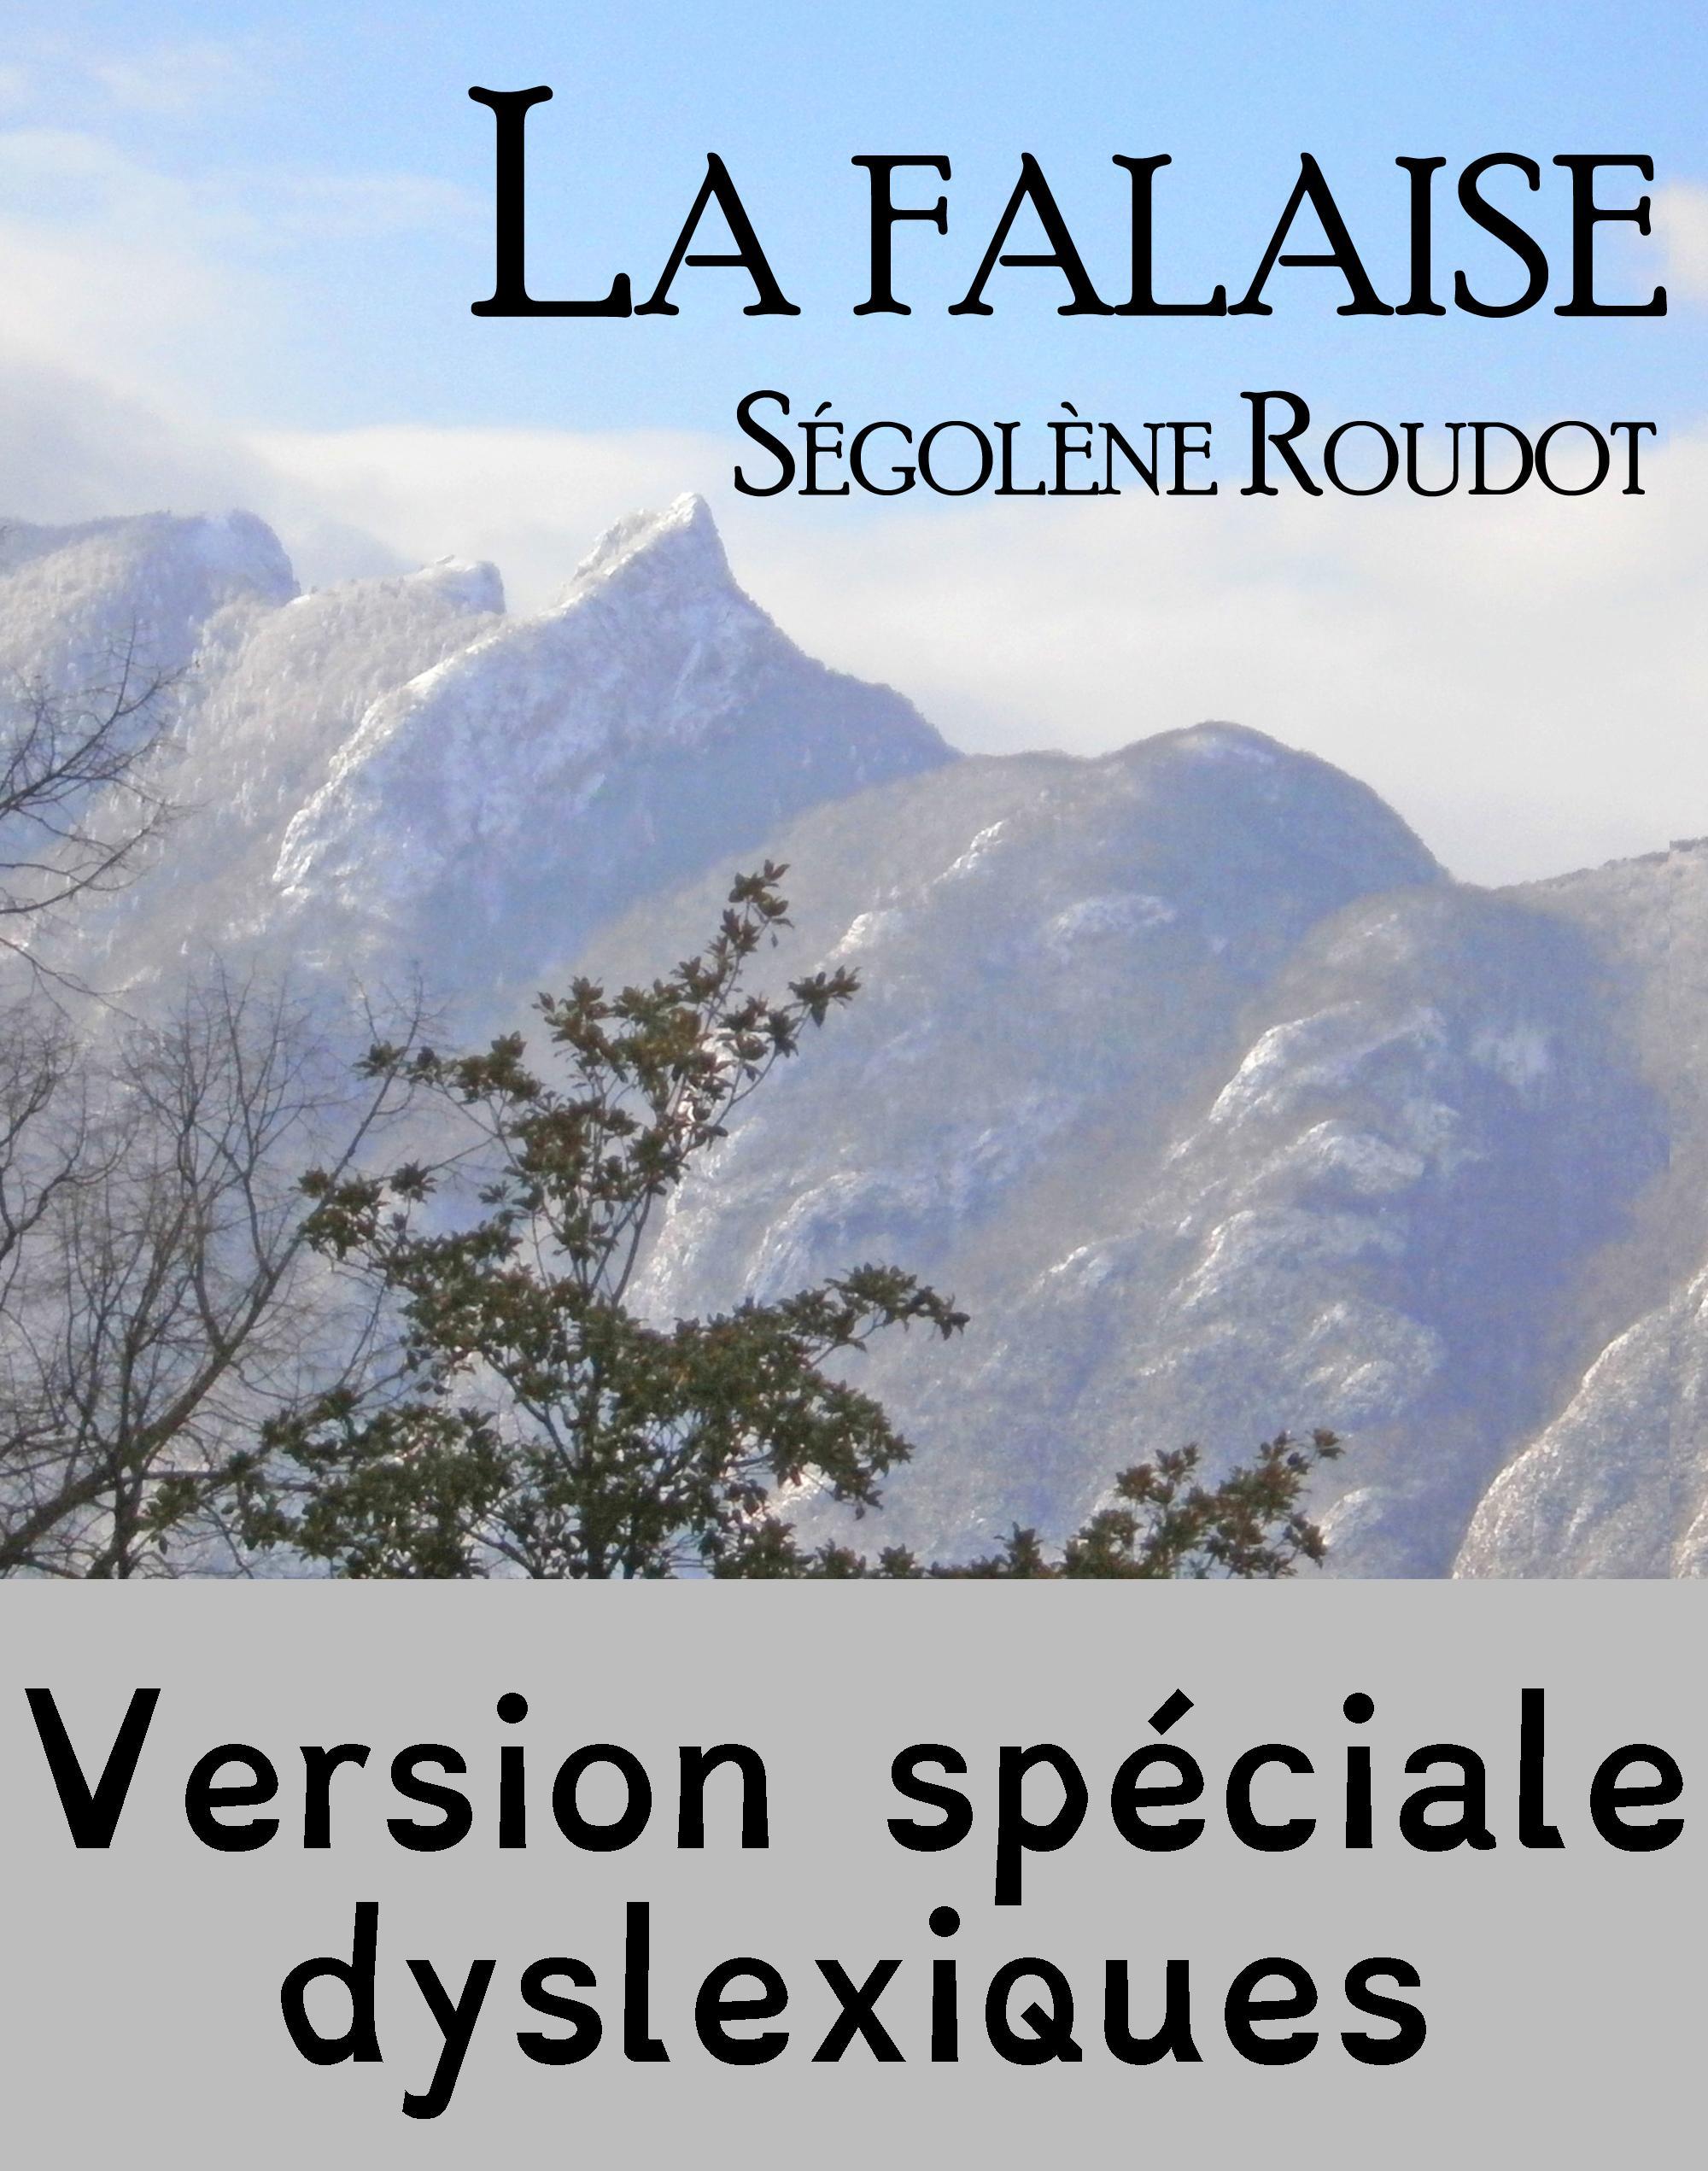 La falaise - Edition spéciale dyslexiques, TEXTE INTÉGRAL